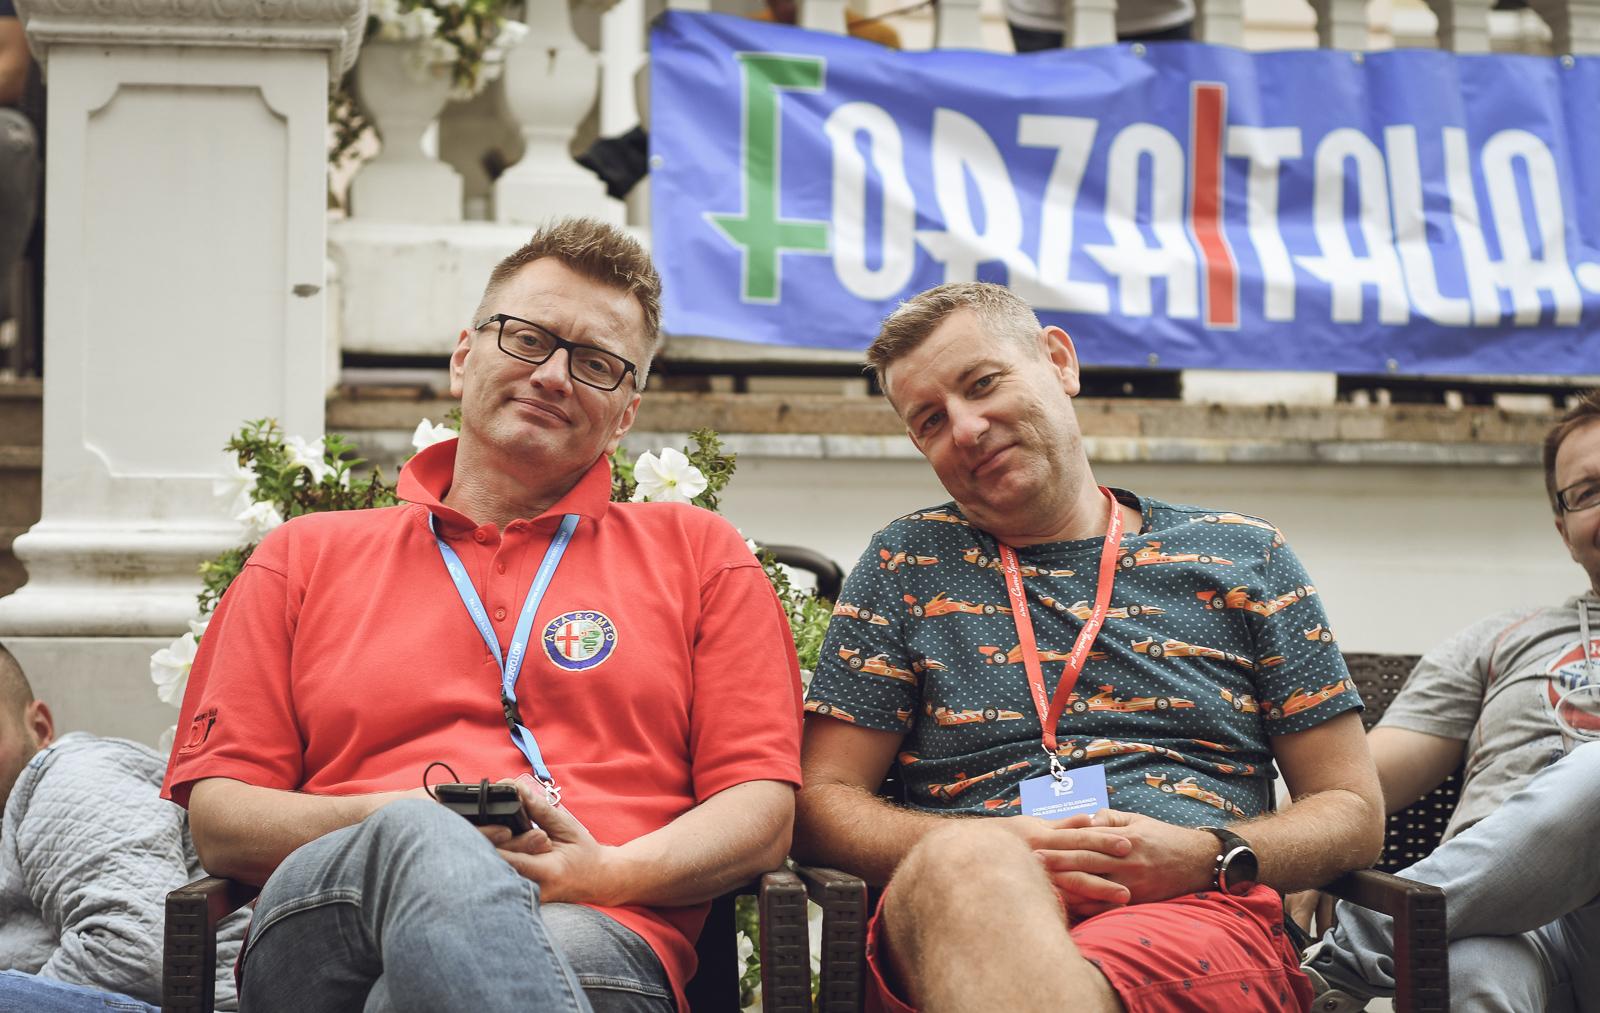 Concorso d'Eleganza ForzaIatalia.pl 2018